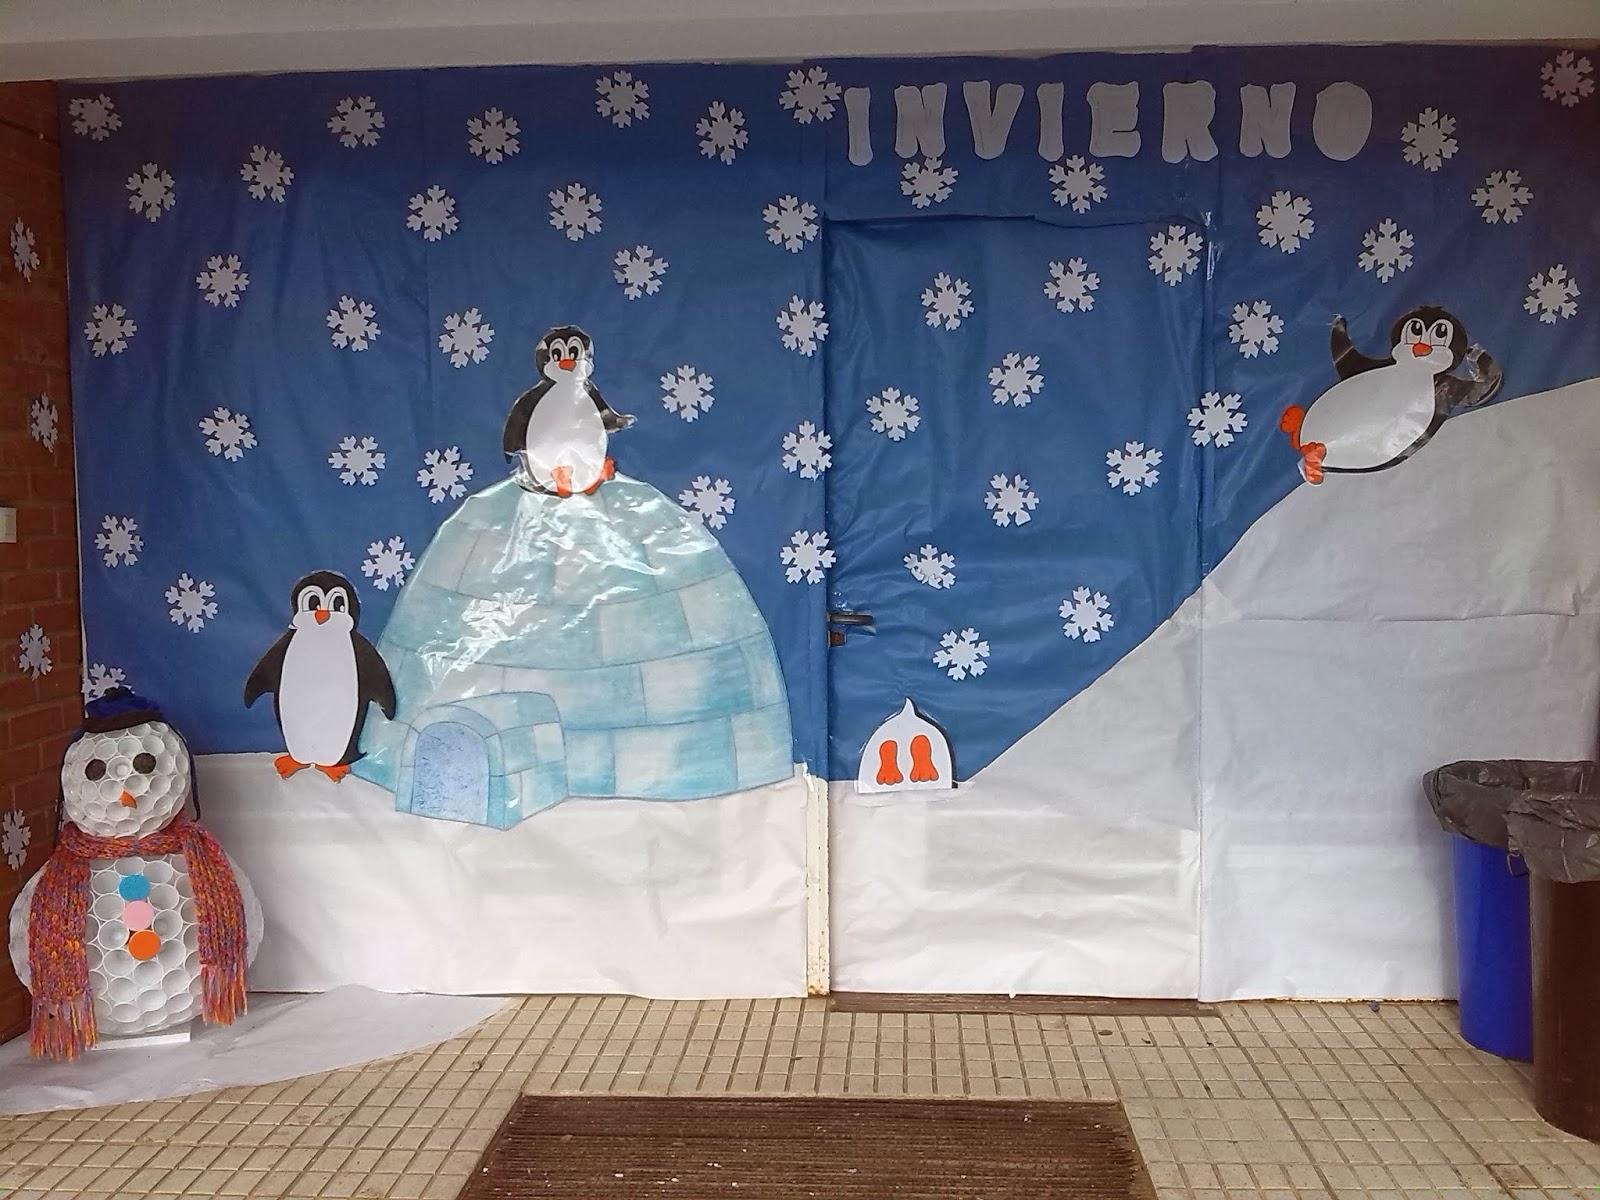 Educaci n infantil ceip padre manjon nuestra puerta de - Proyecto el invierno ...